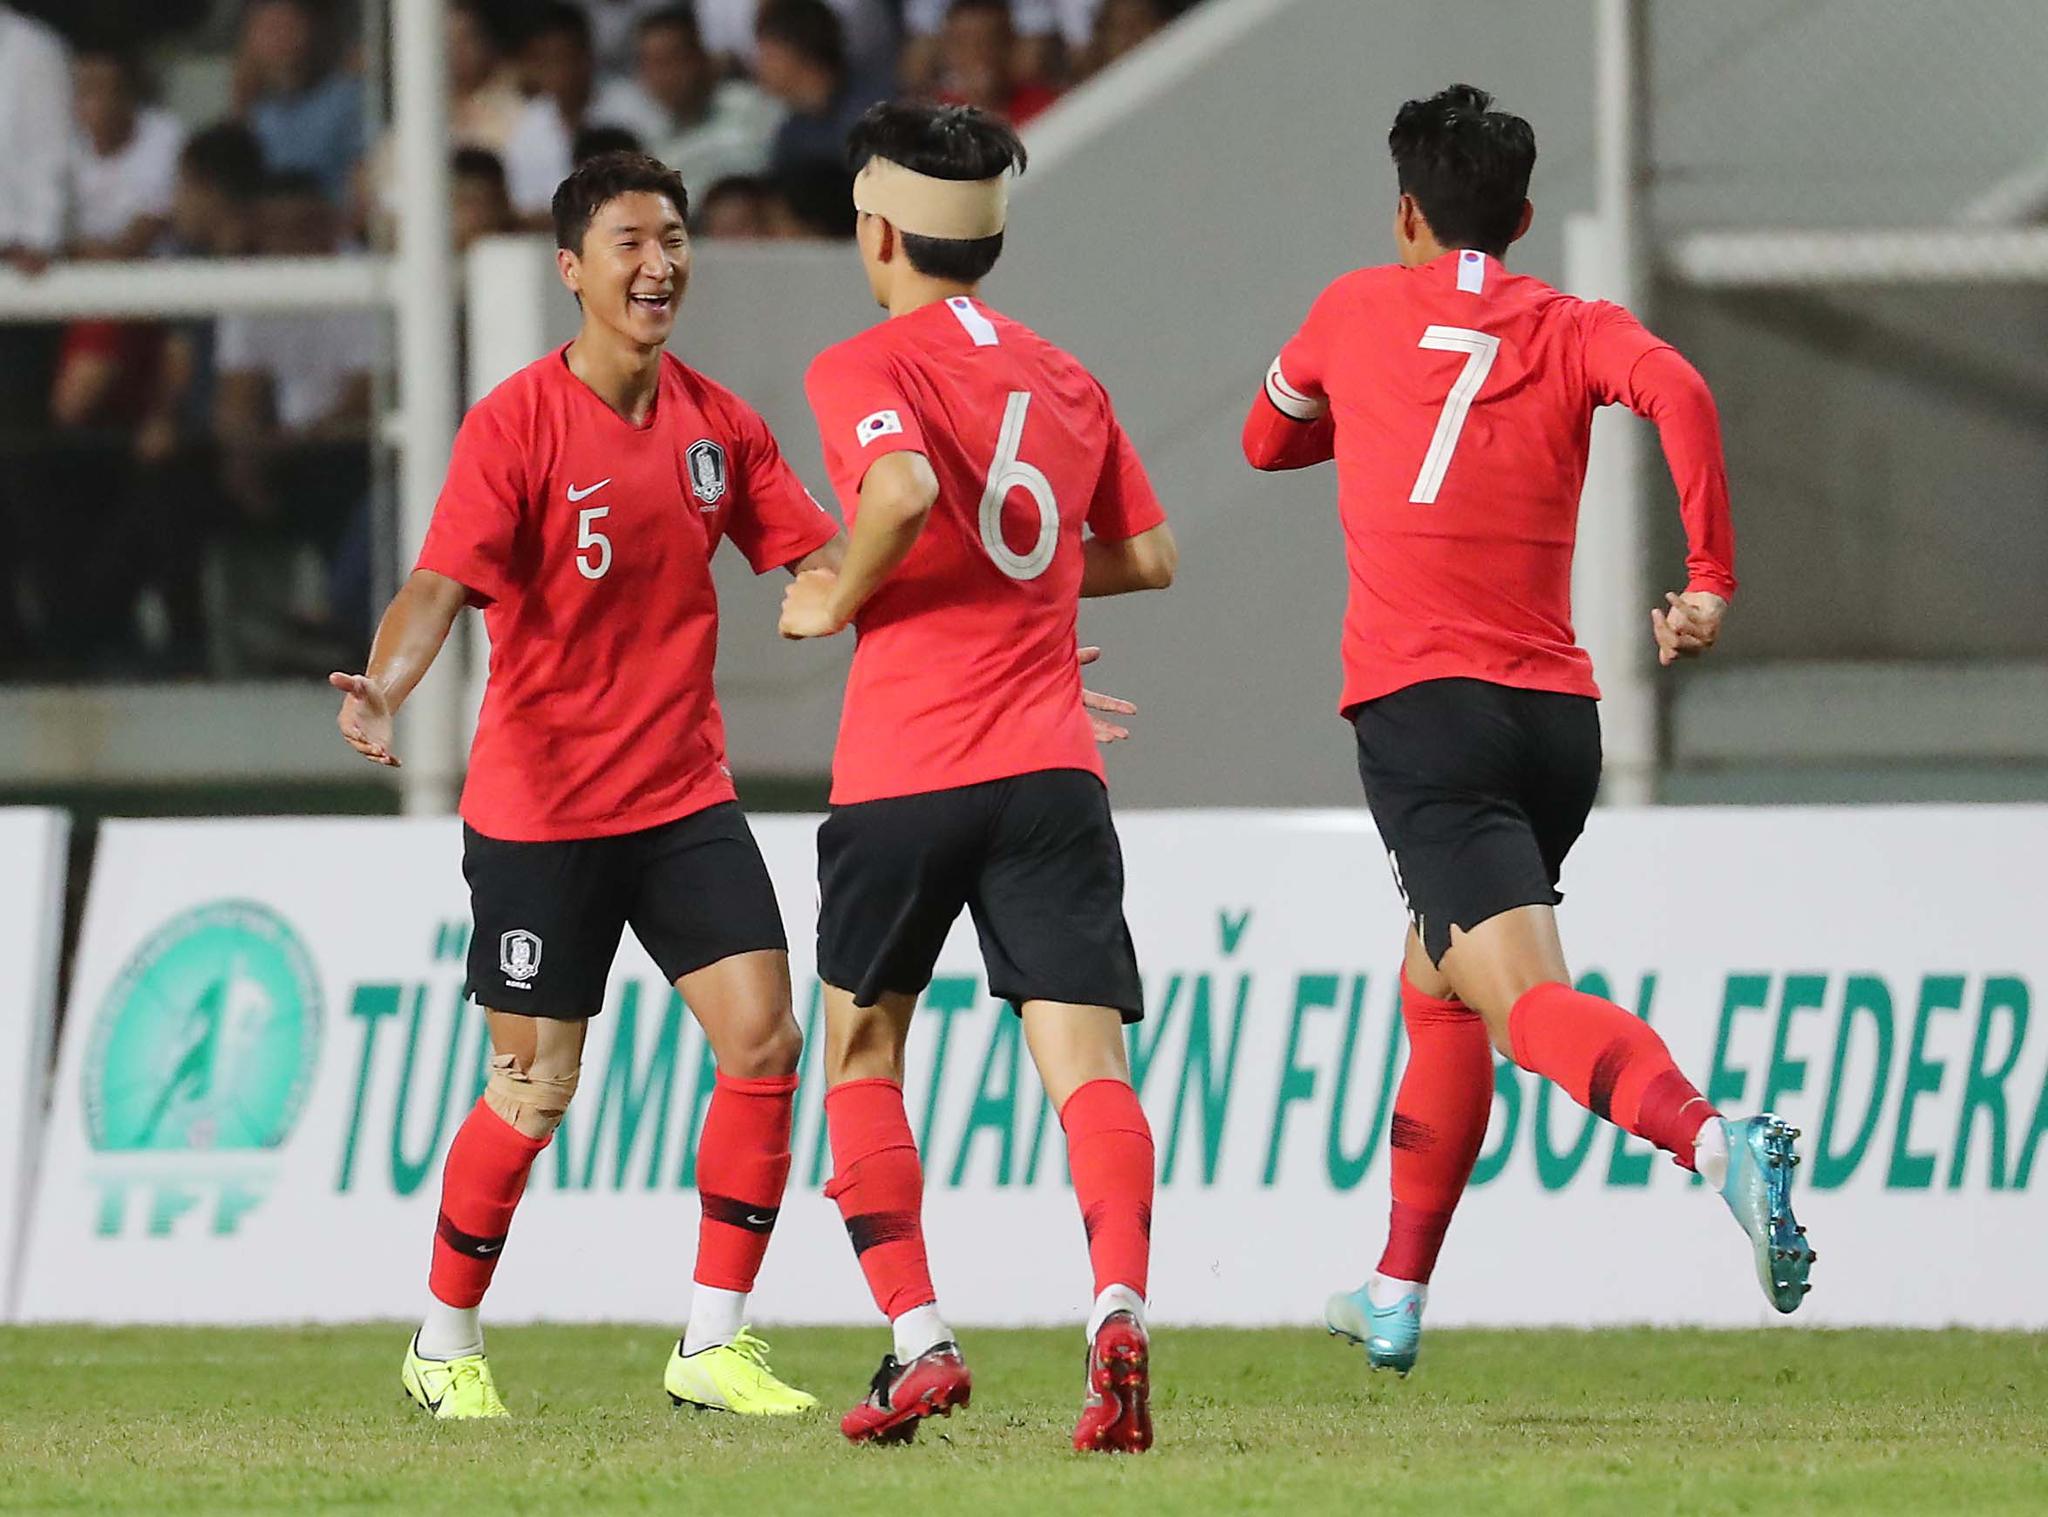 10일(현지시간) 투르크메니스탄 아시가바트 코페트다그 스타디움에서 열린 2022 카타르 월드컵 아시아지역 2차 예선 H조 1차전 한국과 투르크메니탄과의 경기에서 한국 정우영(5번)이 두번째 골을 성공시킨 뒤 기뻐하고 있다. [연합뉴스]